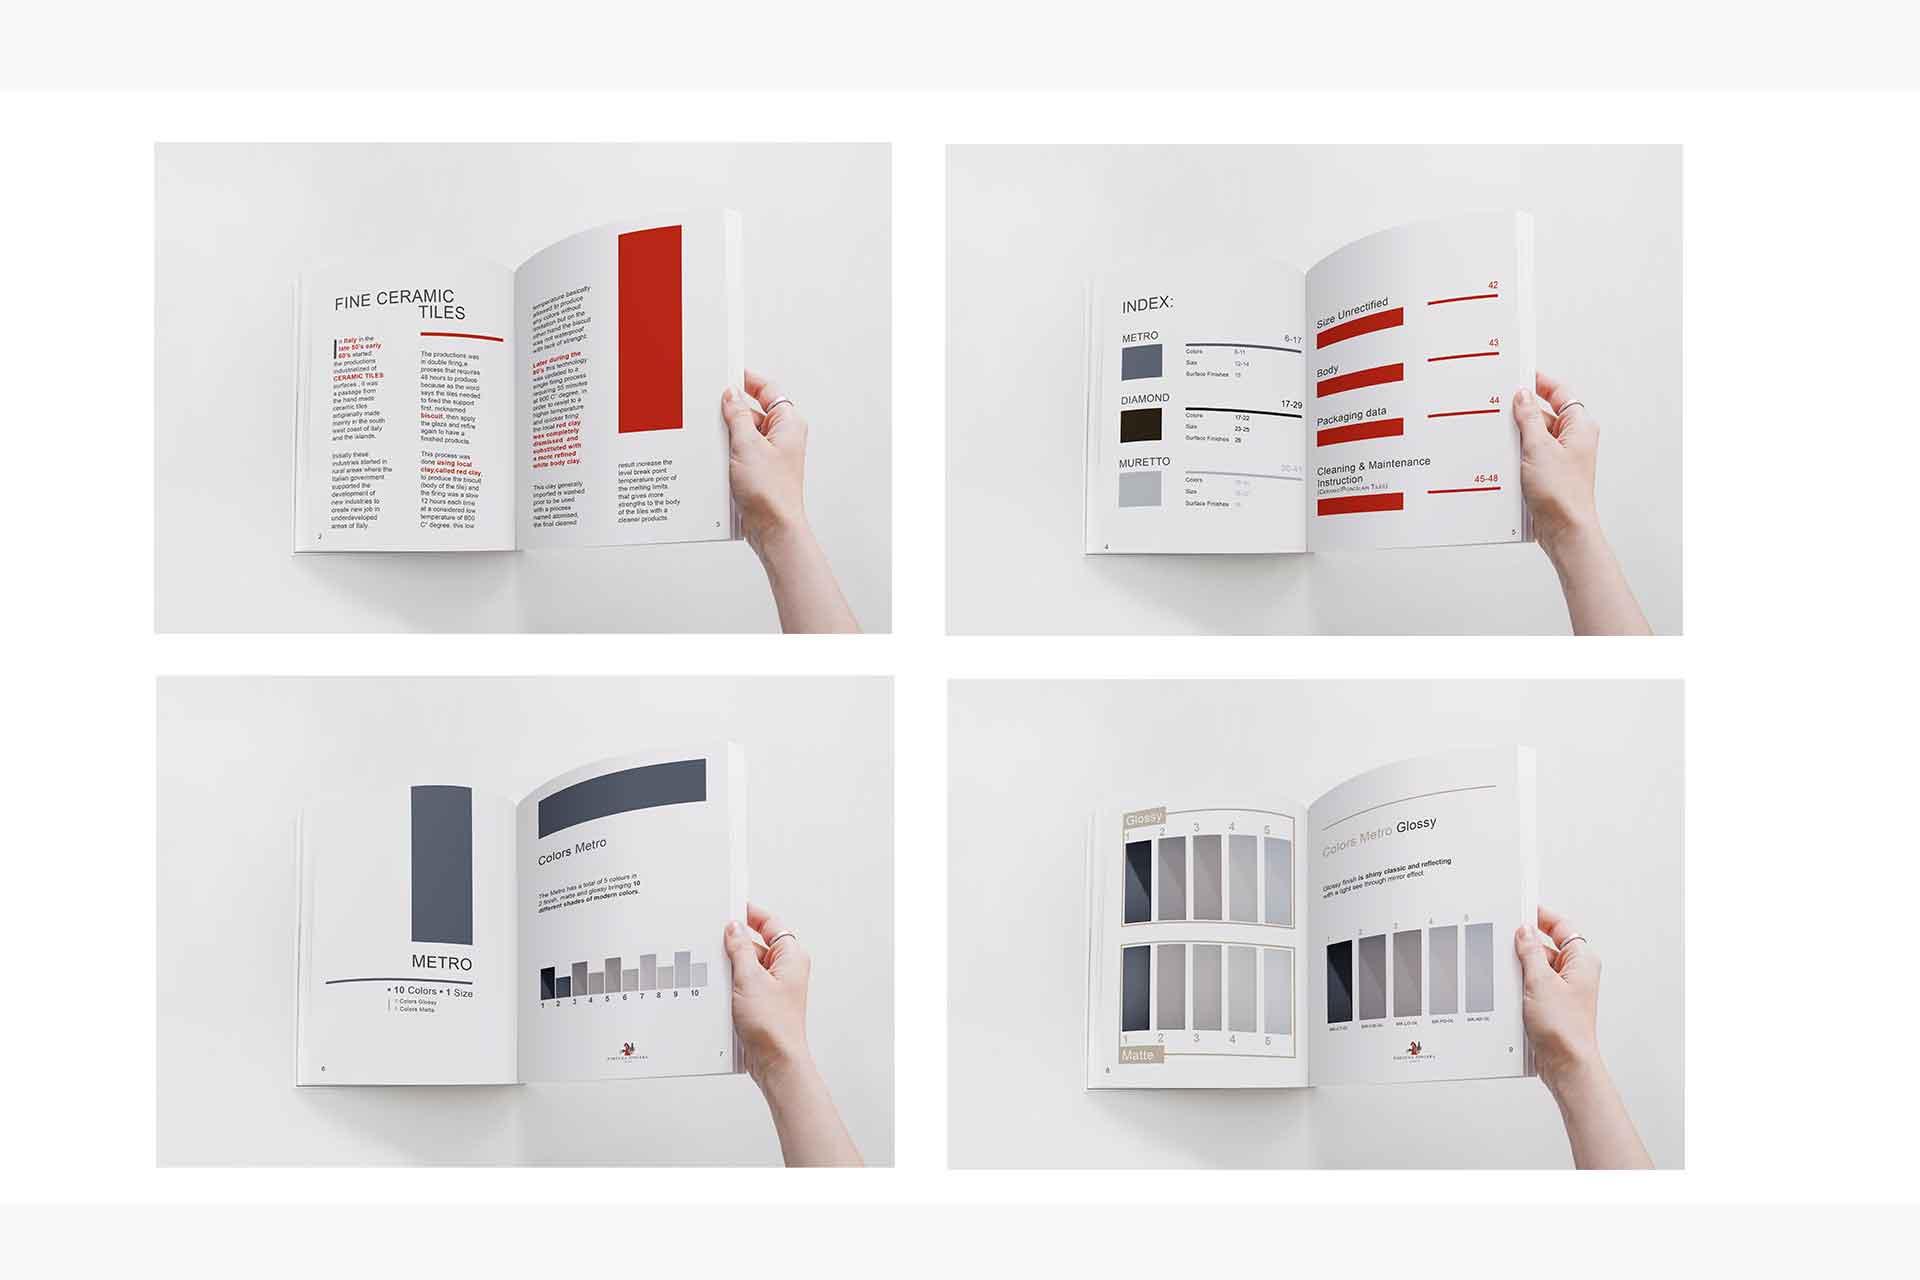 lv-design-realizzazione-siti-web-bologna-portfolio-grafica-fortuna-zingara-slide-1